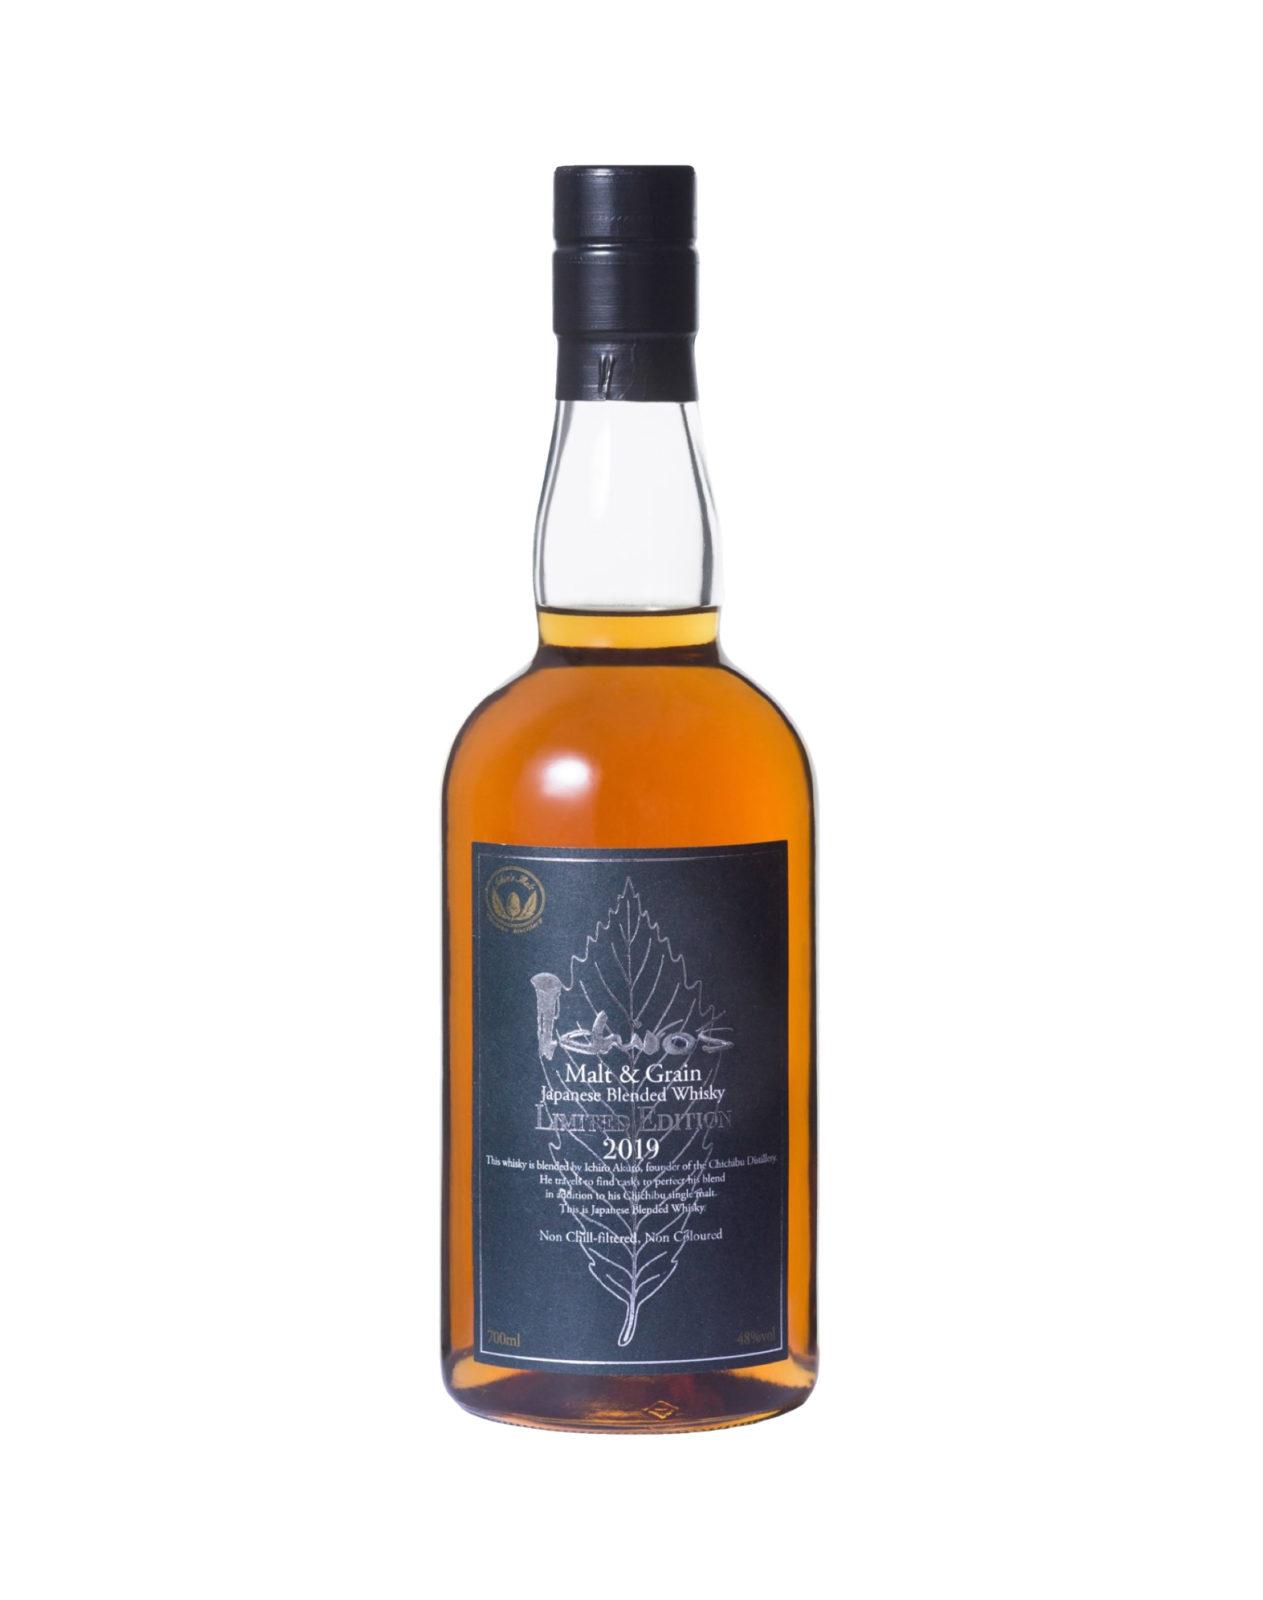 Ichiro's Malt Japanese Blended Whisky 2019